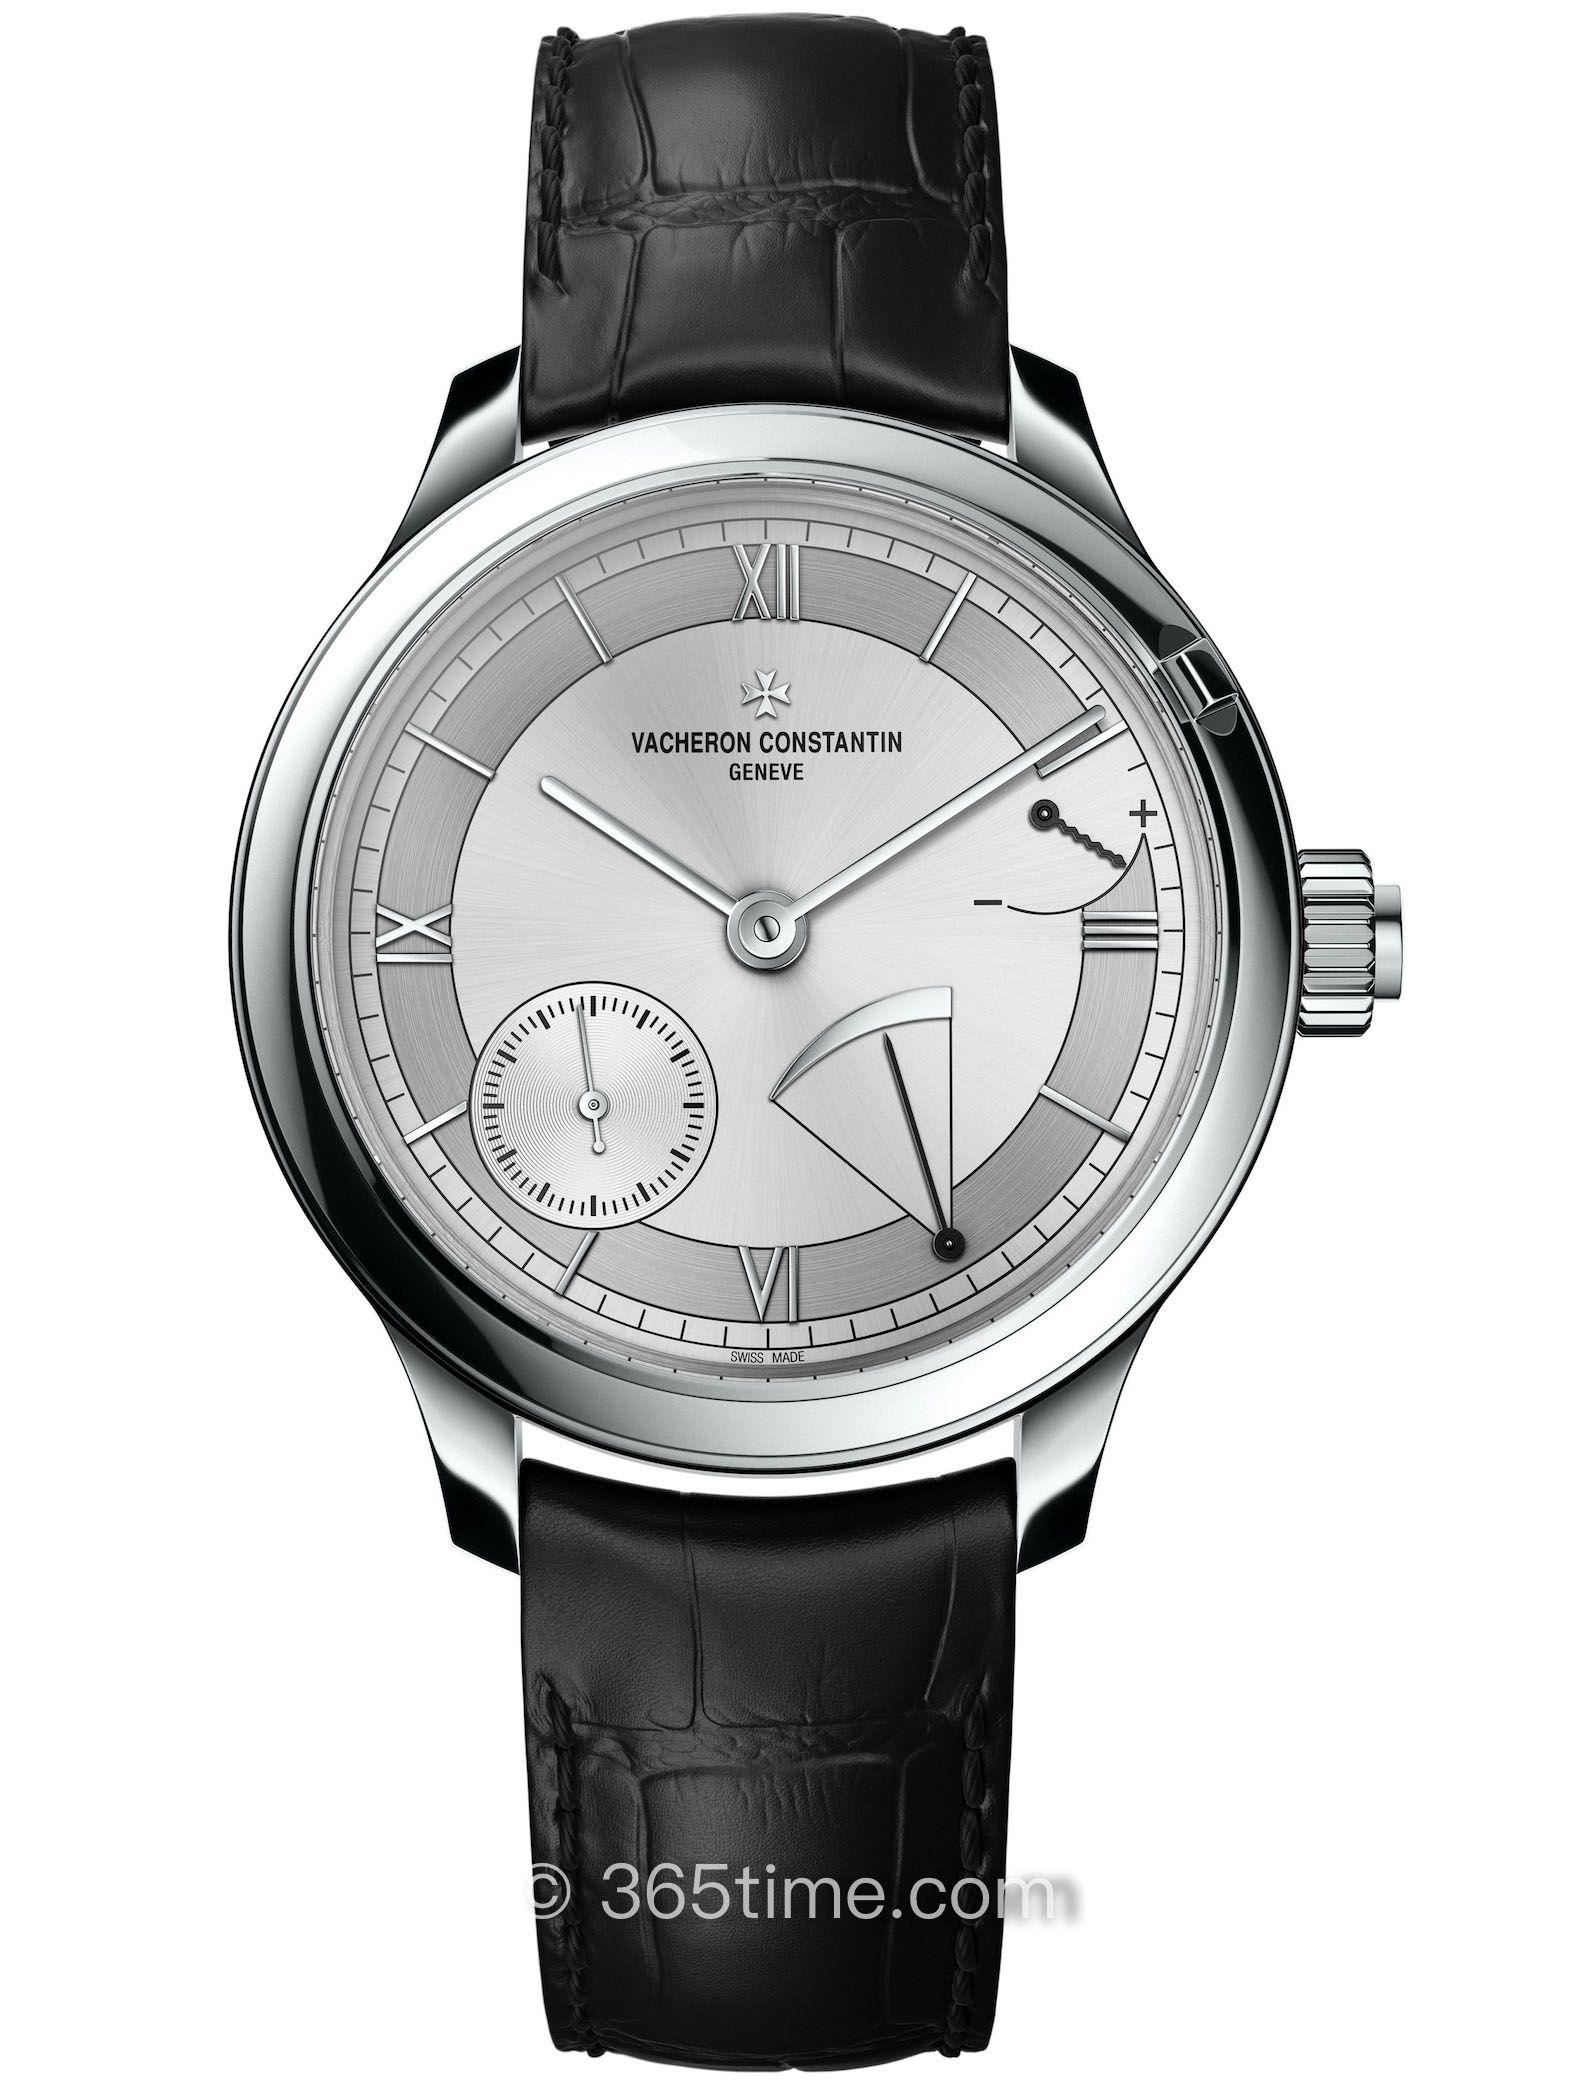 江诗丹顿艺术大师系列9200E/000G-B099腕表